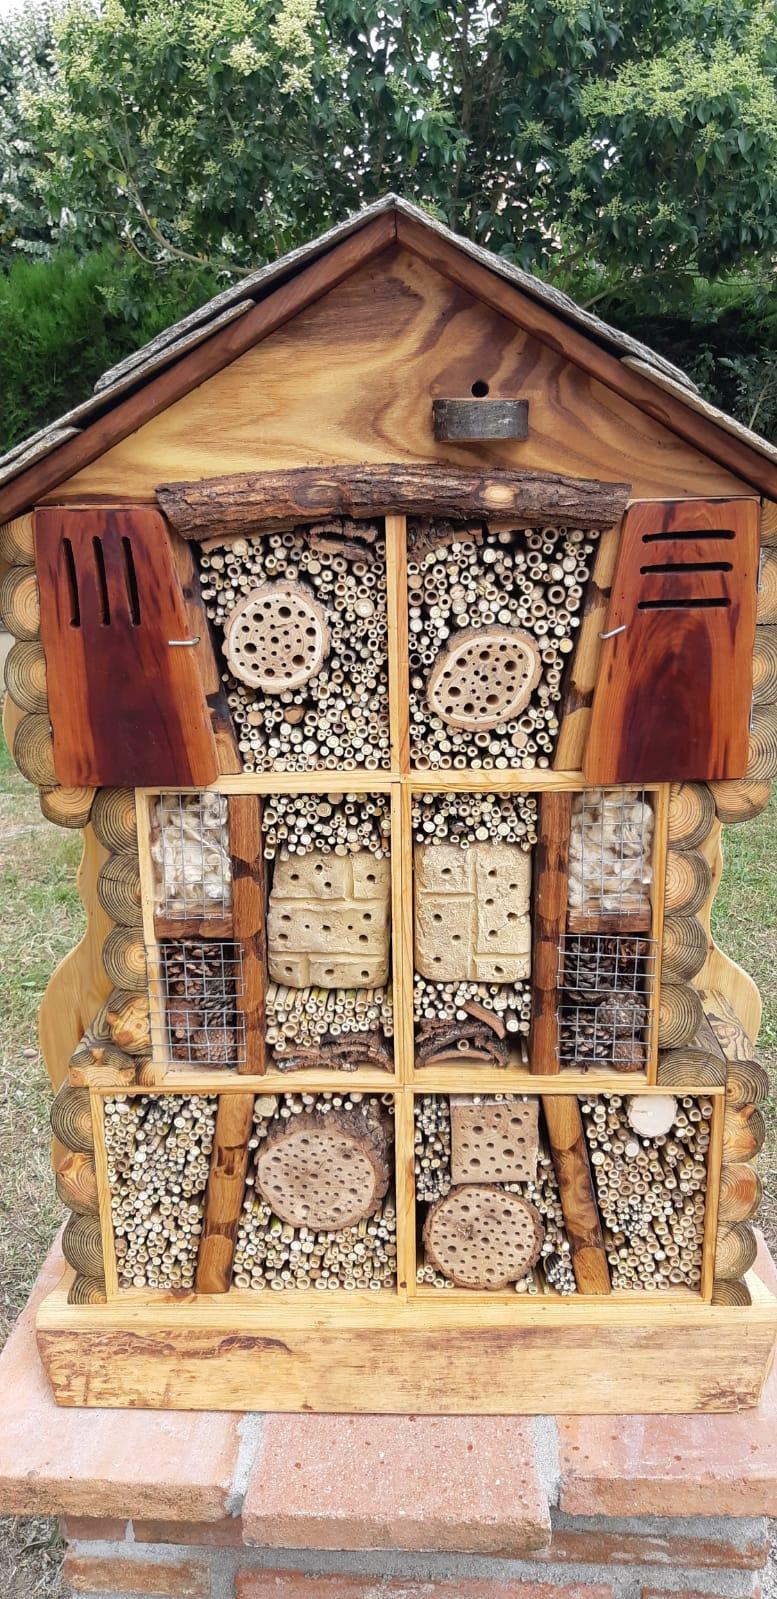 Hotels à insectes _11_.jpg